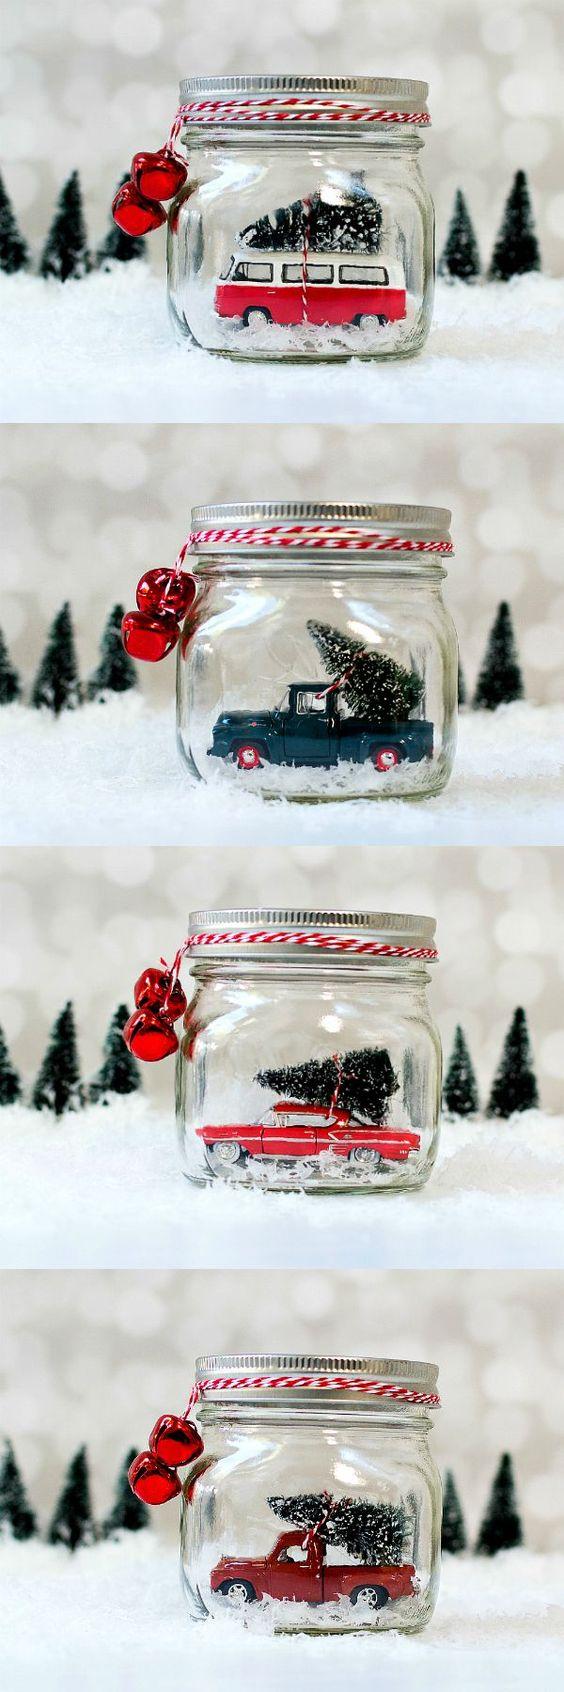 梅森罐子雪地球。老爷车在梅森罐子里。在梅森罐子的老式卡车。如何做一个梅森罐子雪球。老爷车雪地球。包含链接。